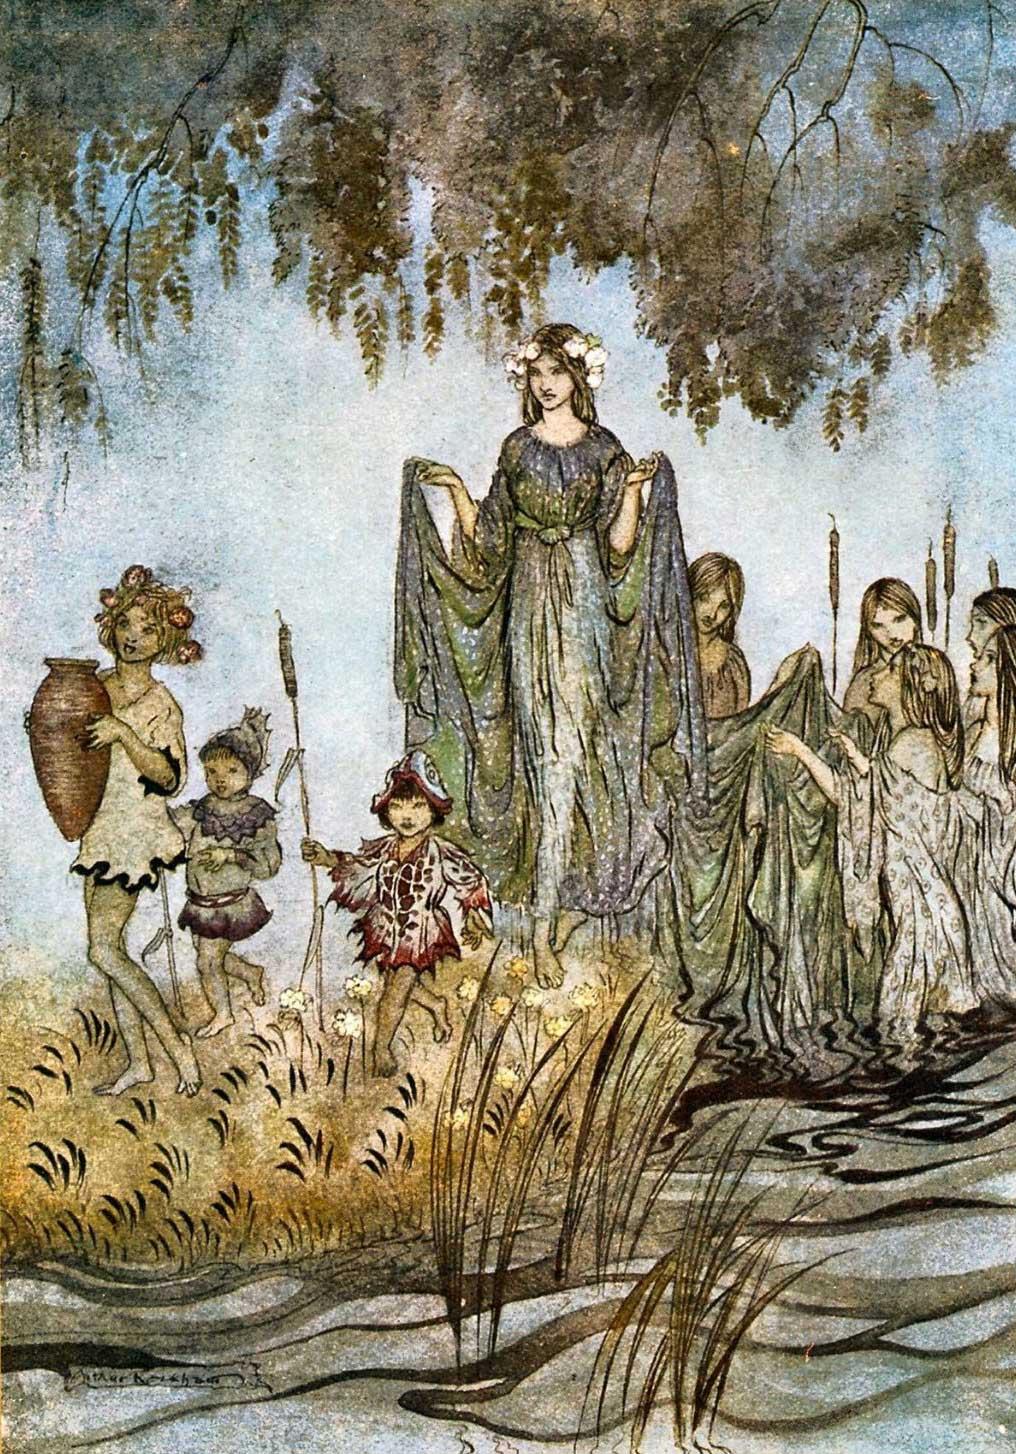 Sabrina Rises, by Arthur Rackham.